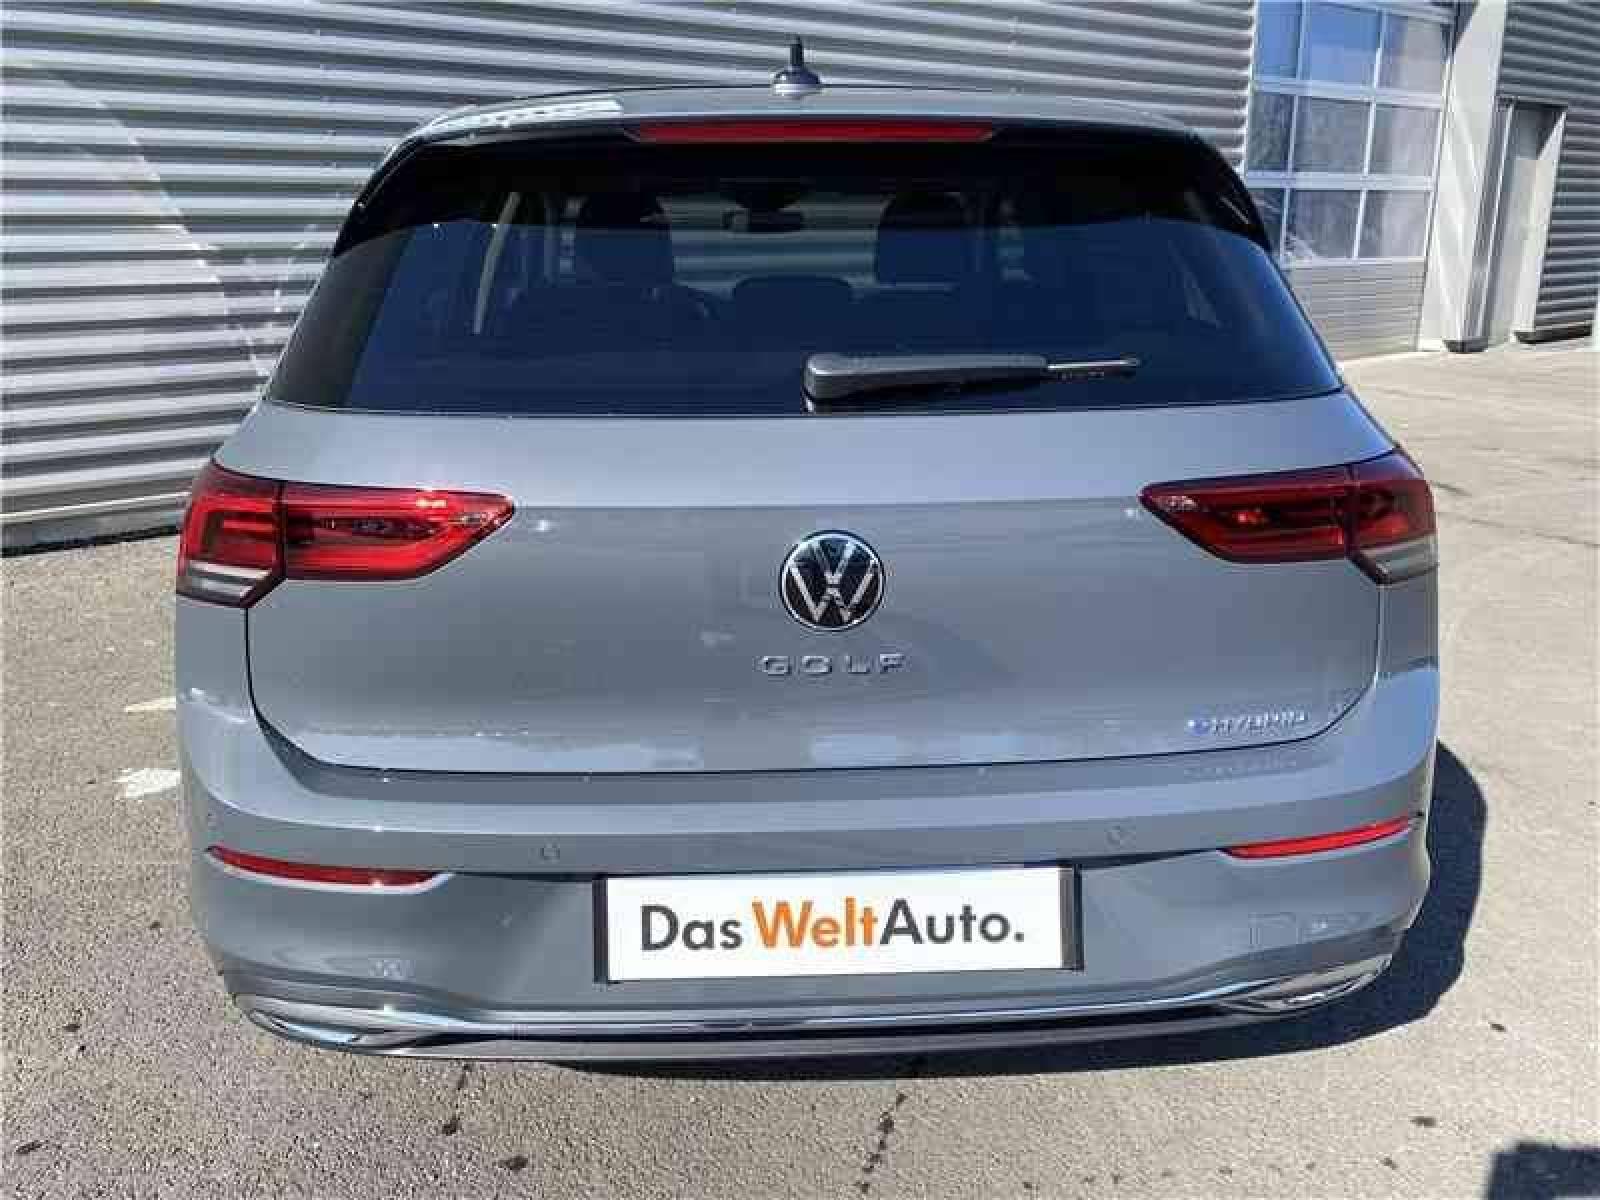 VOLKSWAGEN ID.3 145 ch - véhicule d'occasion - LEMAUVIEL AUTOMOBILES - Présentation site web V2 - Lemauviel Automobiles - VIRE - 14500 - VIRE - 5